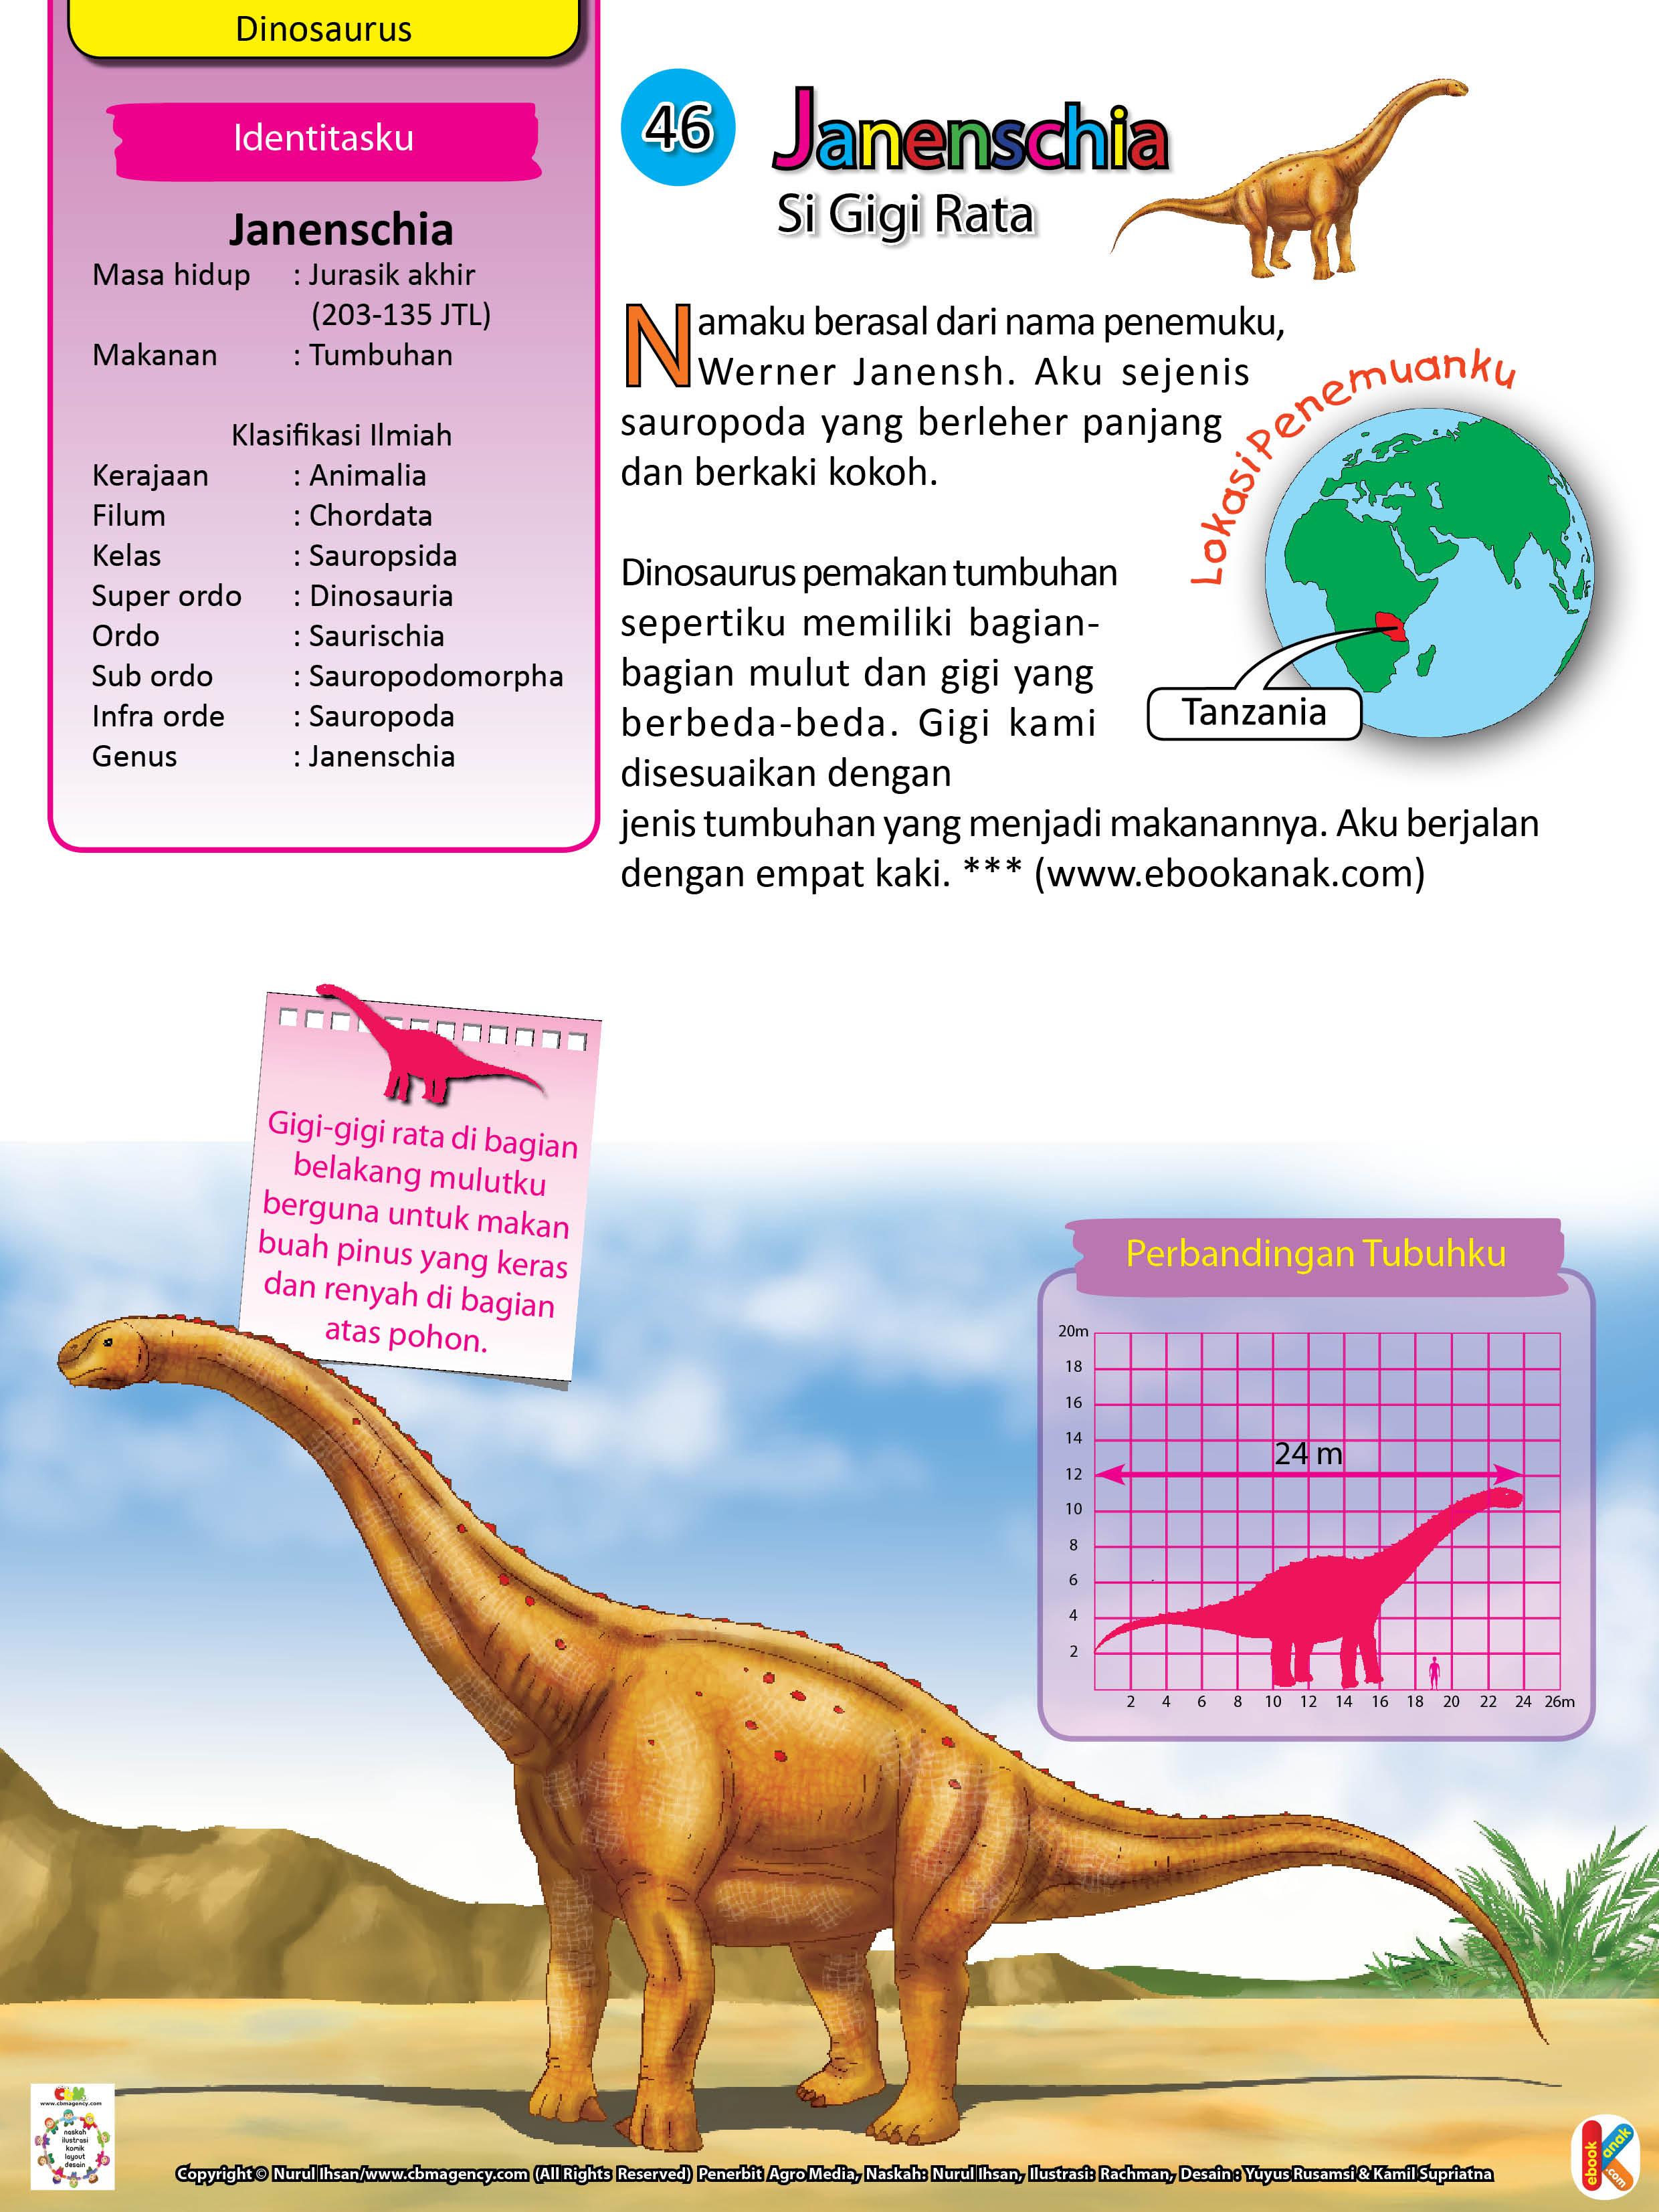 Janenschia sejenis sauropoda yang berleher panjang dan berkaki kokoh.